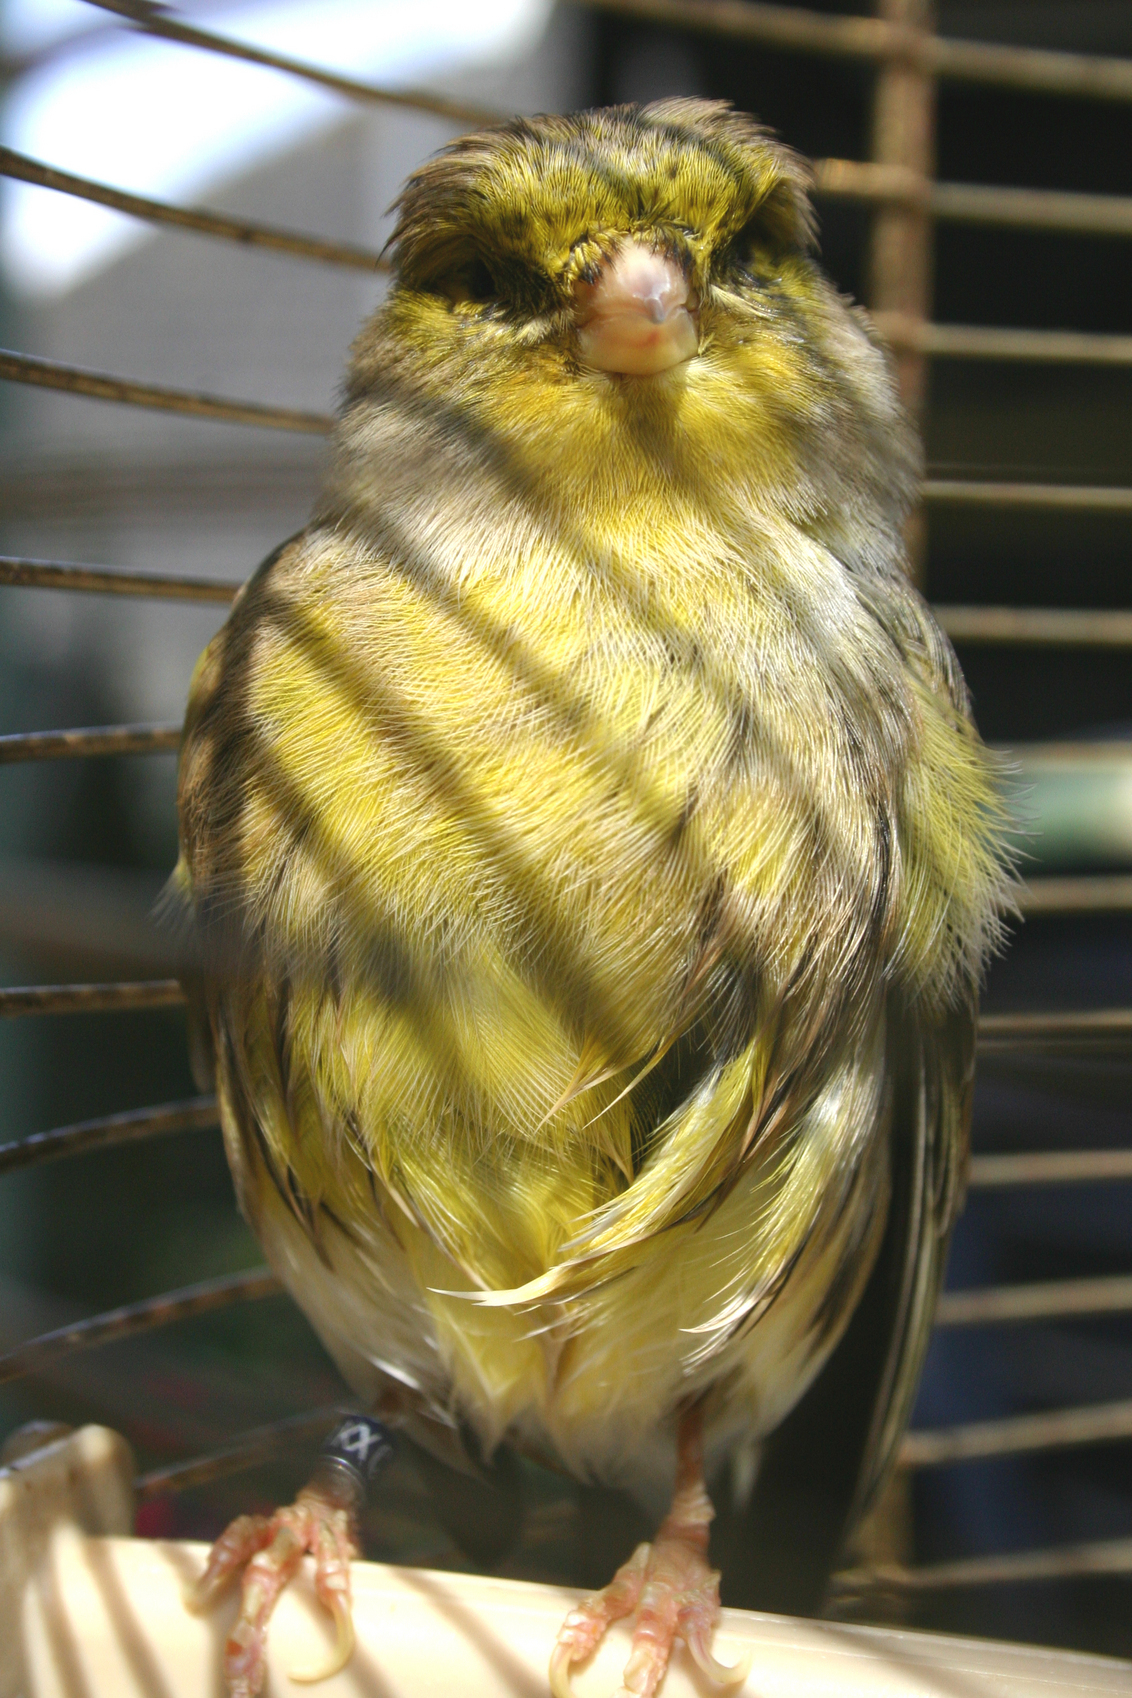 gerard - - - foto door marjanmax op 07-01-2009 - deze foto bevat: natuur, vogels, dieren, vogel, gevangen